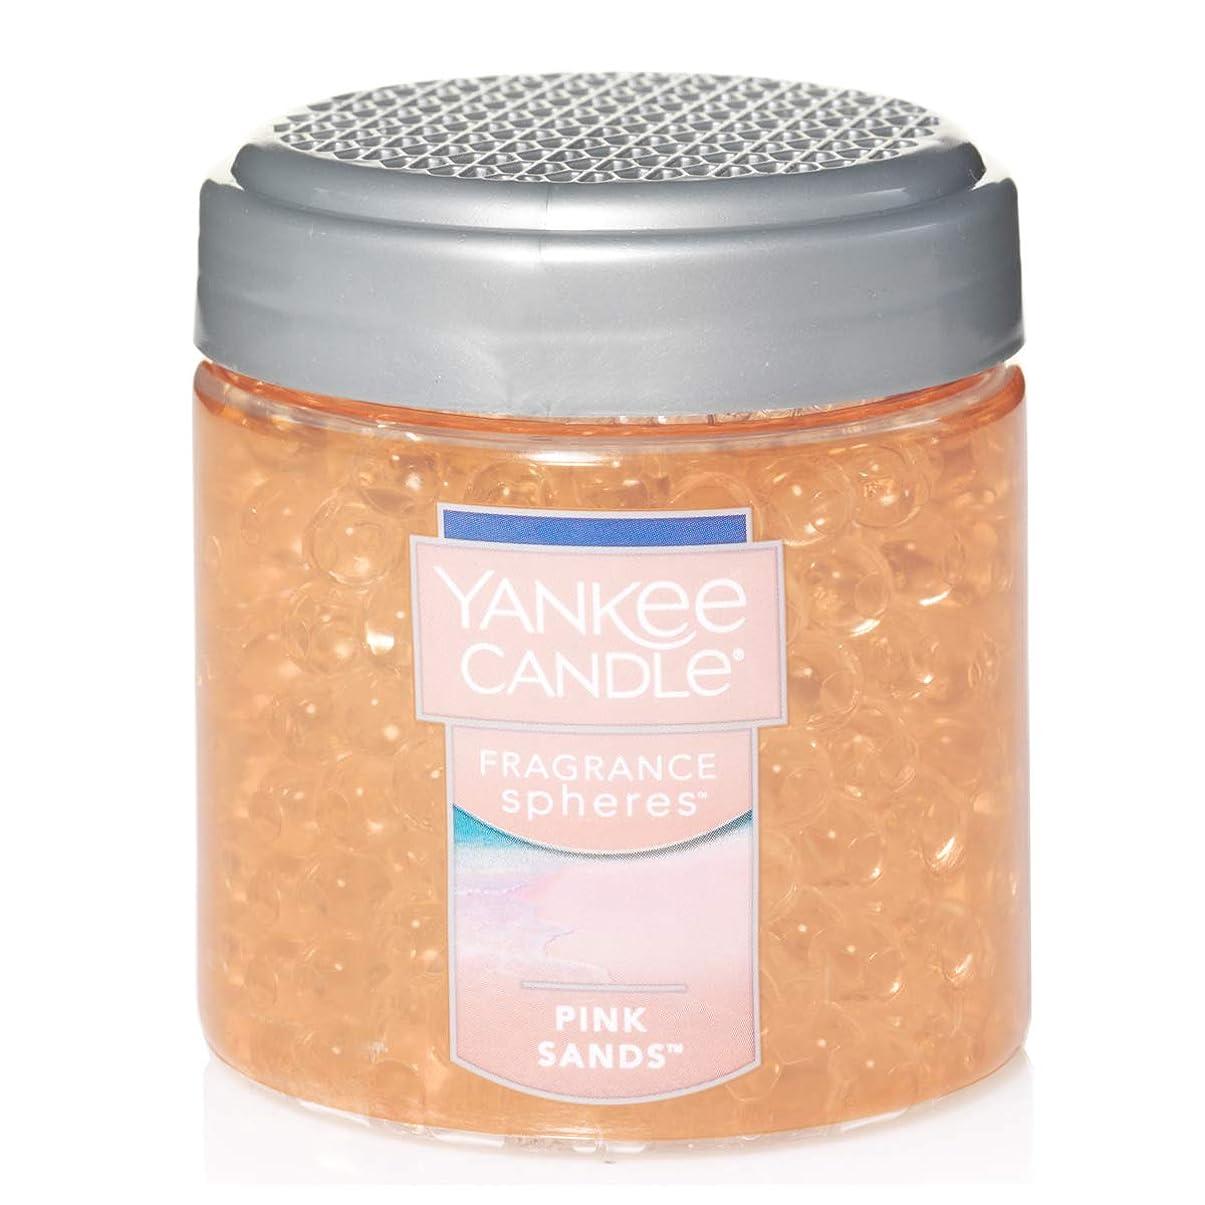 ラフ睡眠金銭的なクライマックスヤンキーキャンドル(YANKEE CANDLE) YANKEE CANDLE フレグランスビーズ 「 ピンクサンド 」6個セット